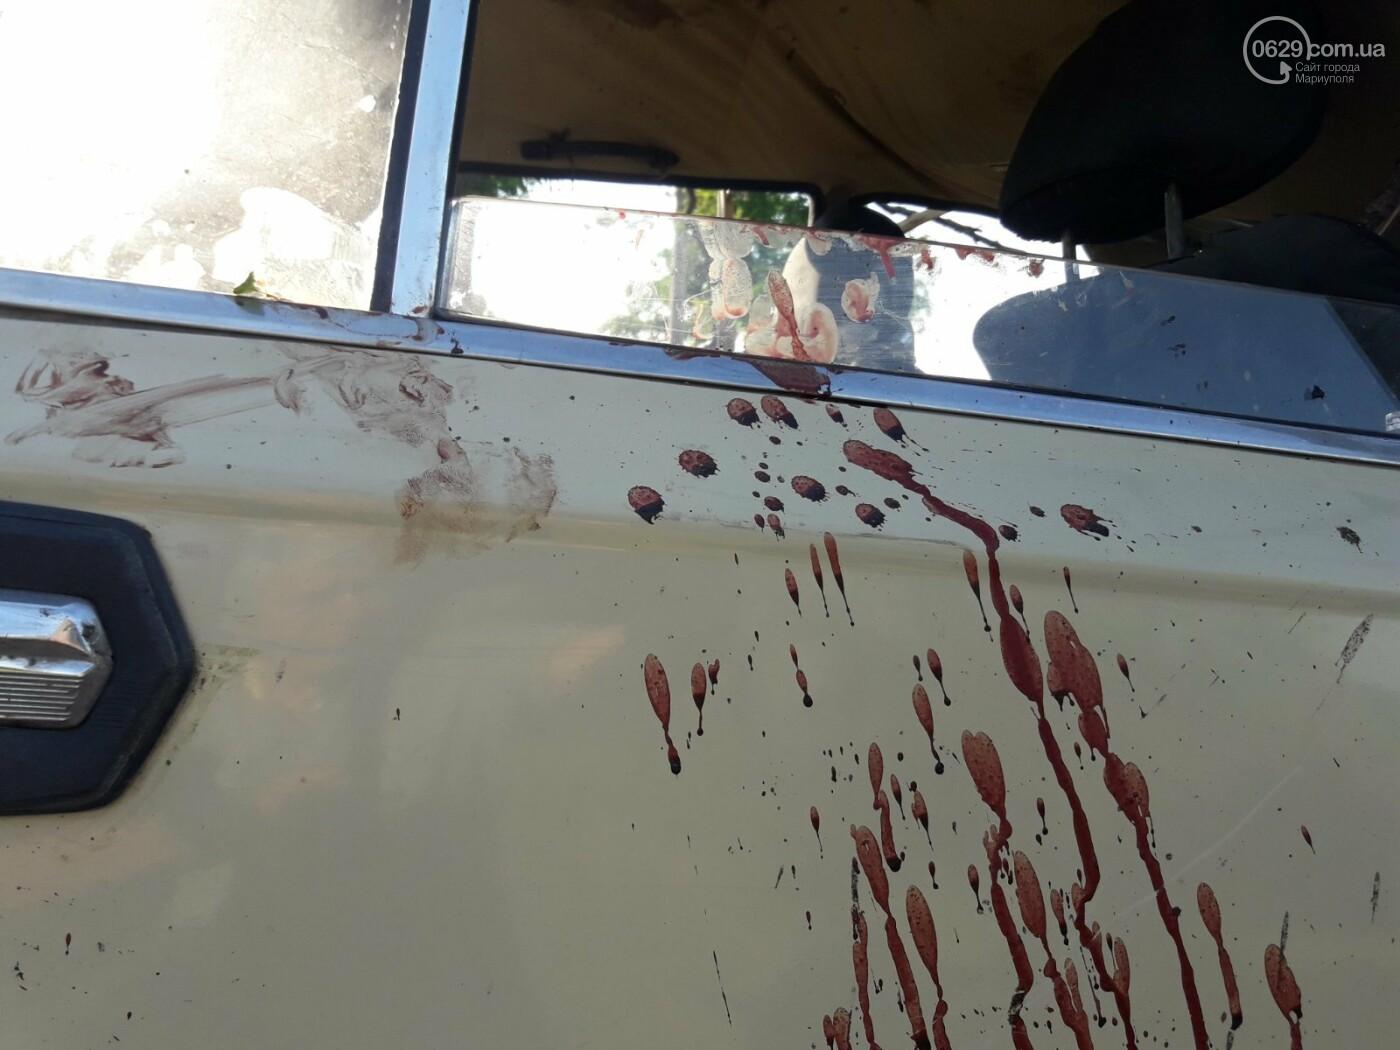 Серьезная авария в Кальмиусском районе. ВАЗ с пассажирами вылетел в кювет, четверо пострадавших, - ФОТО, фото-13